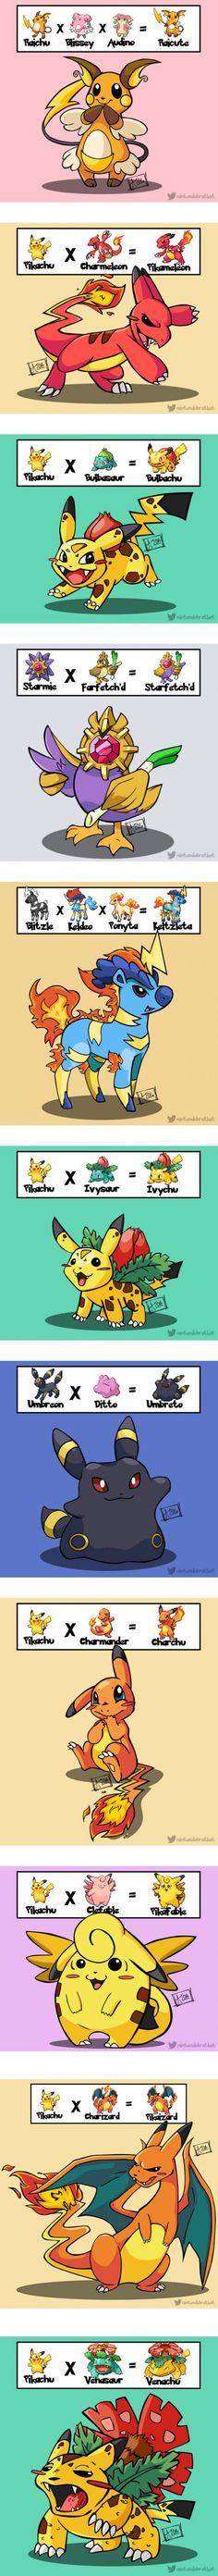 What is your dream Pokémon combination? (Nintendobratkat)